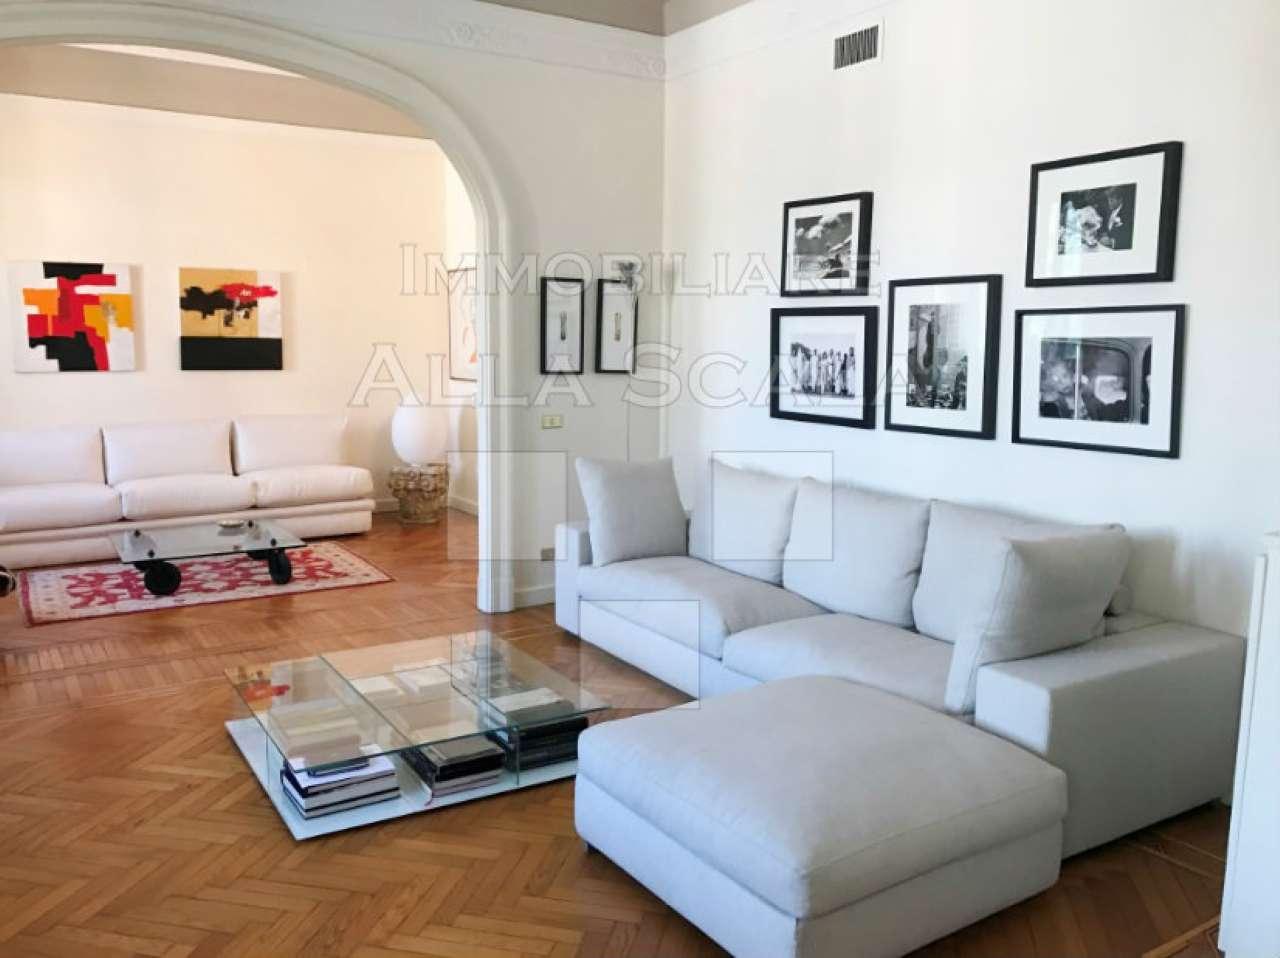 Appartamento in affitto a Milano, 6 locali, zona Zona: 1 . Centro Storico, Duomo, Brera, Cadorna, Cattolica, prezzo € 5.000 | CambioCasa.it